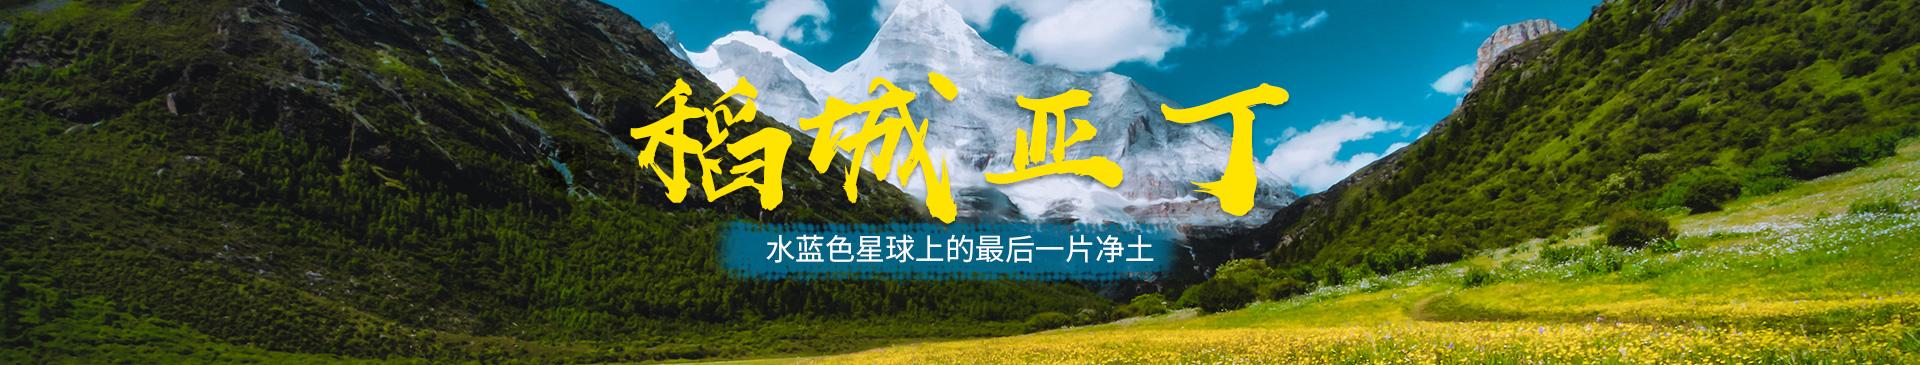 稻城亚丁旅游